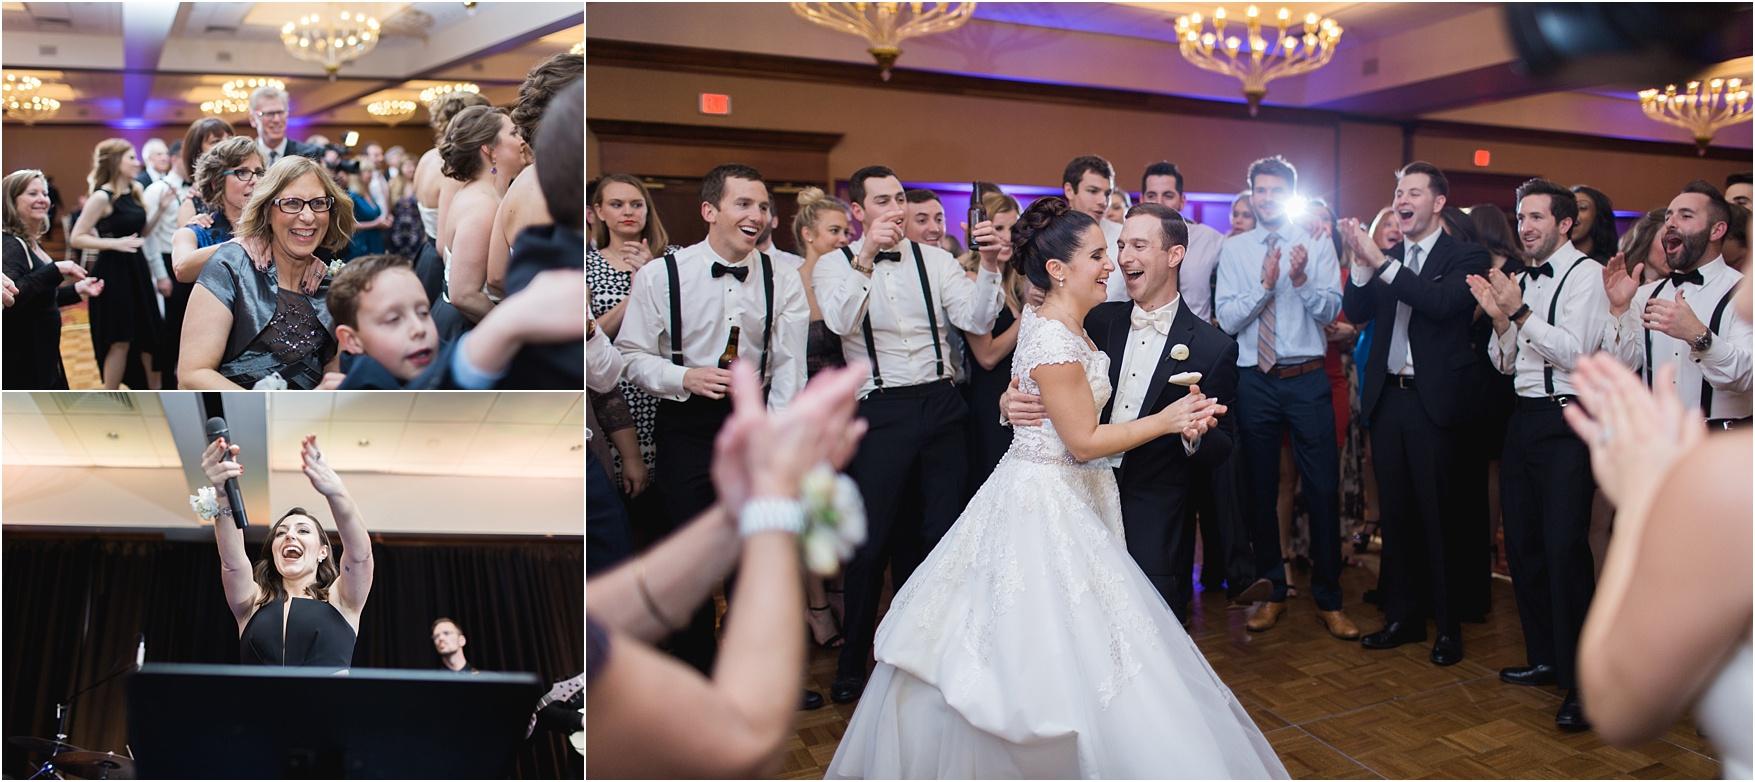 wedding photography st louis_lauren muckler photography_film photographer_film wedding_0076.jpg